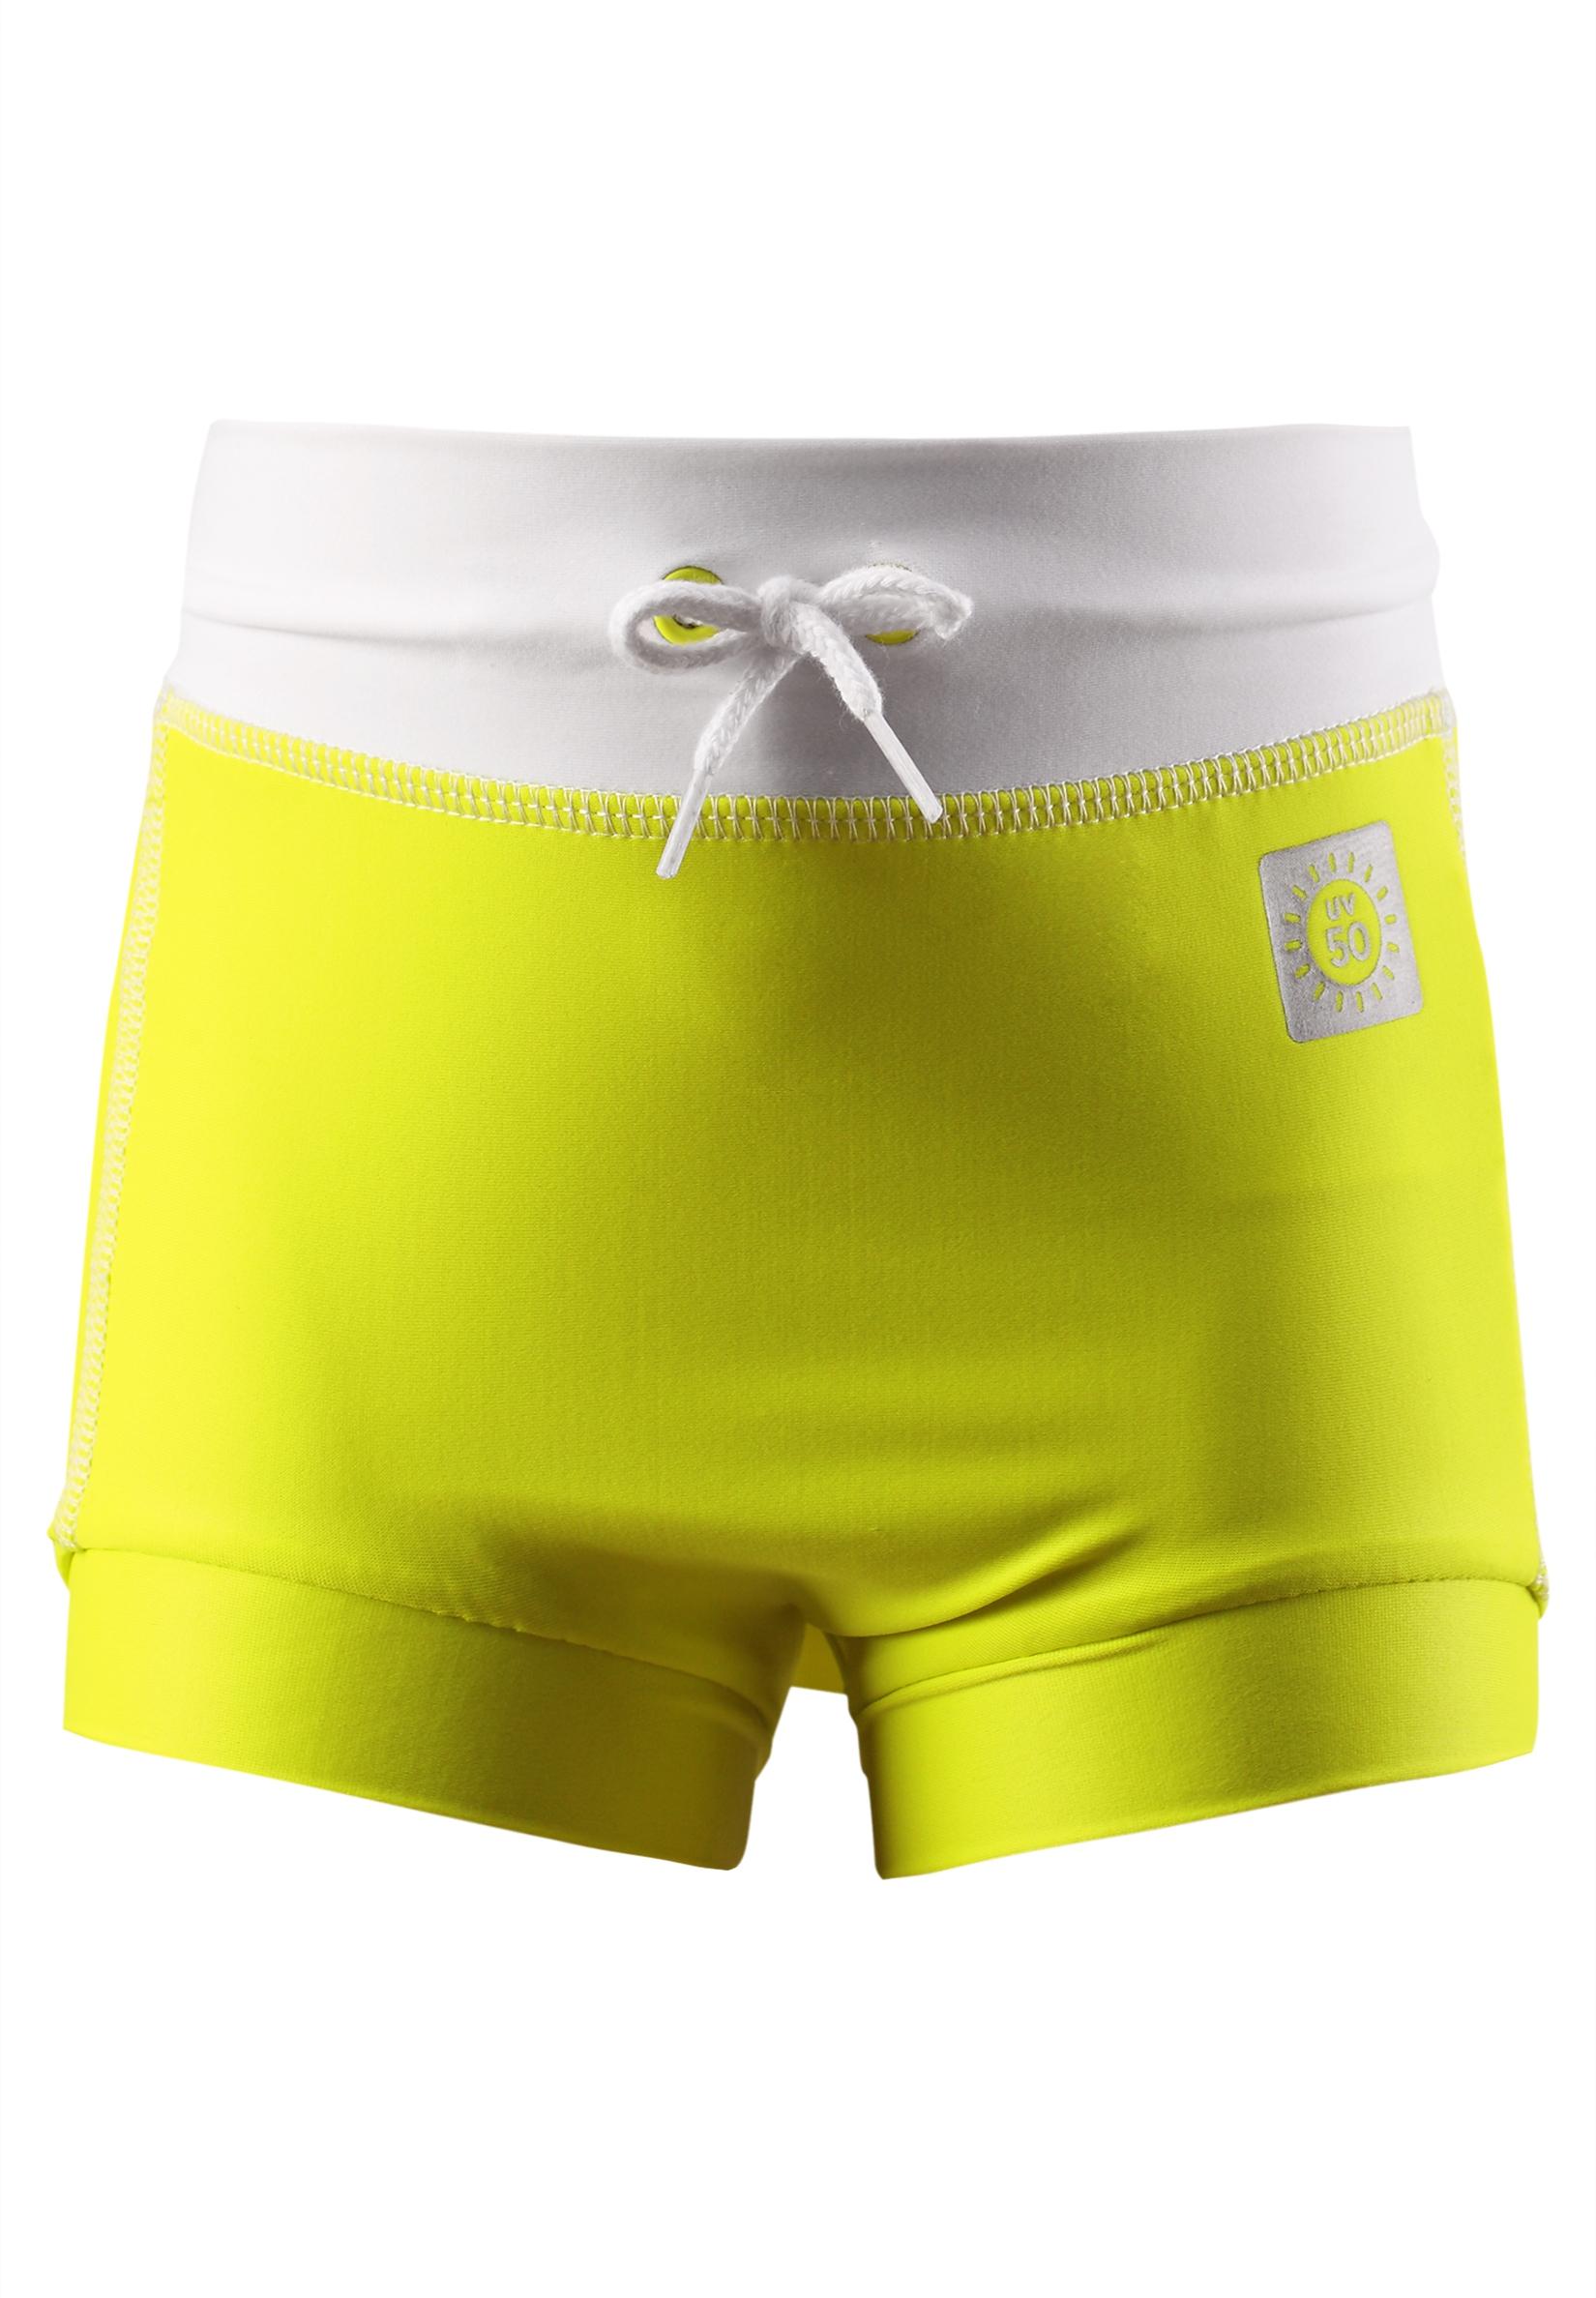 Купальники и плавки Reima Купальные брюки Swimming trunks, Belize hello yellow, желтые купальные плавки для мальчиков trunks spiderman